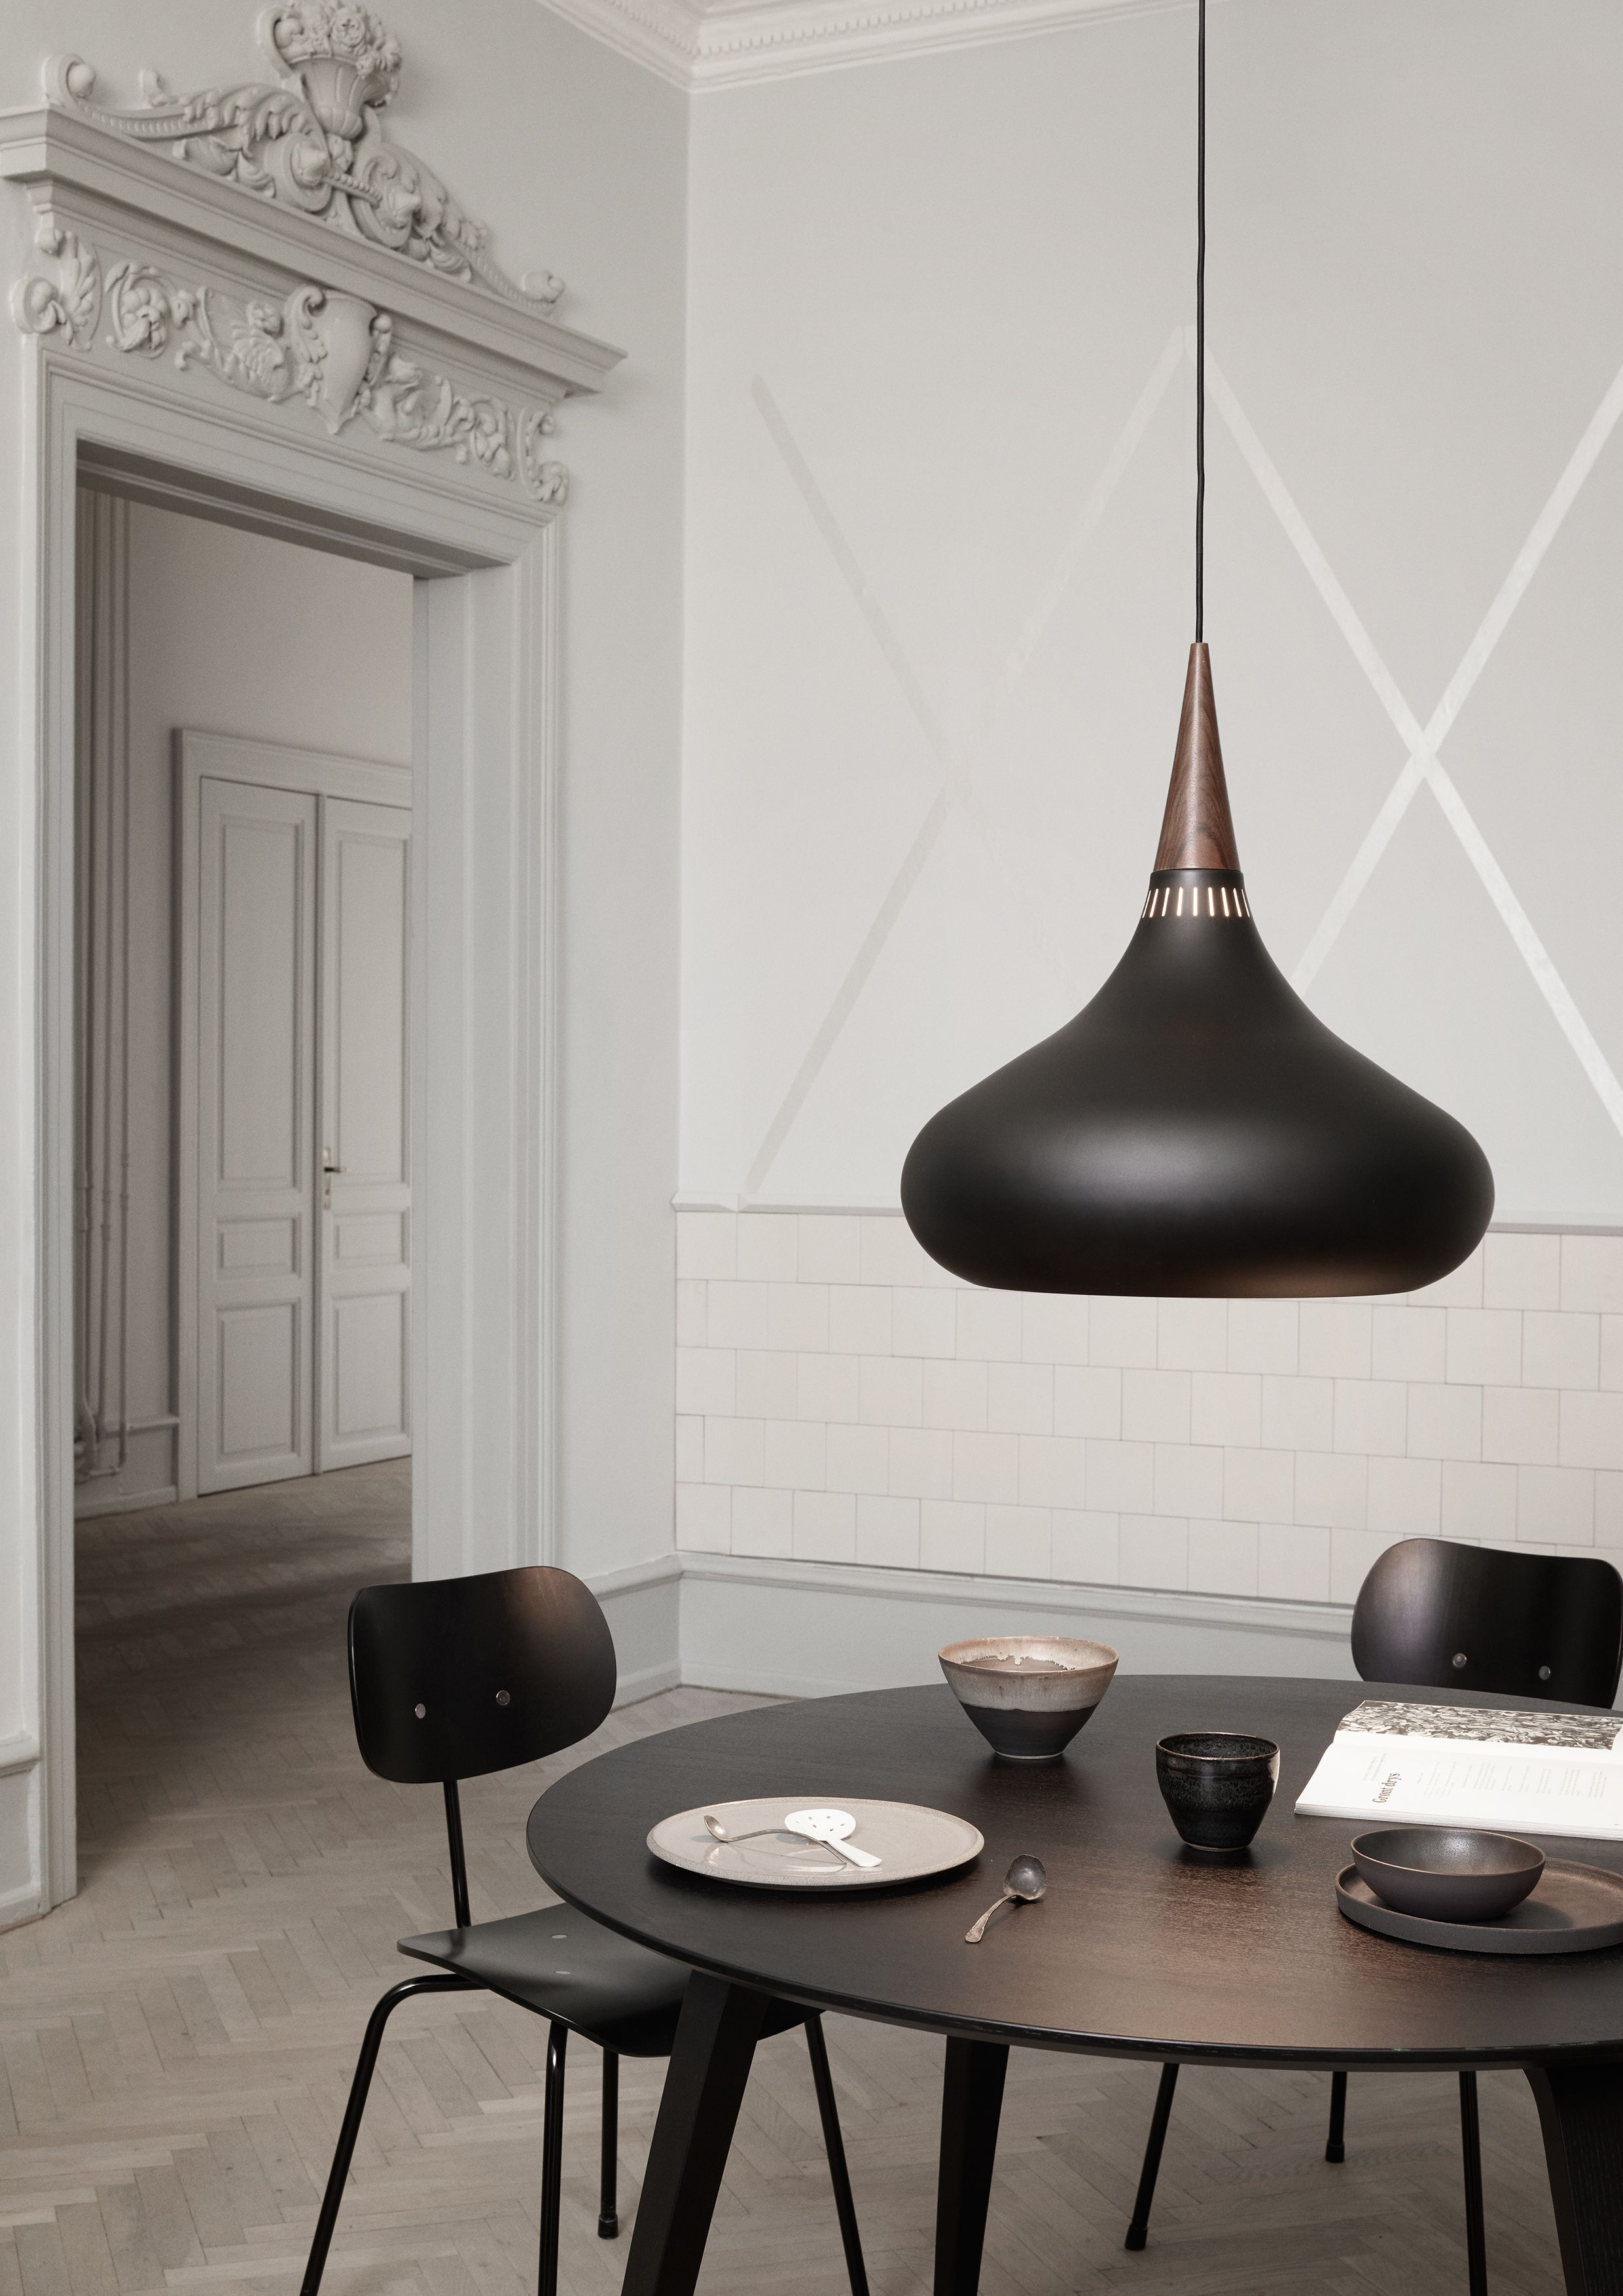 Wunderbar Moderne Lampen Esstisch Dekoration Von Dining Room Featuring The Orient Black Pendant